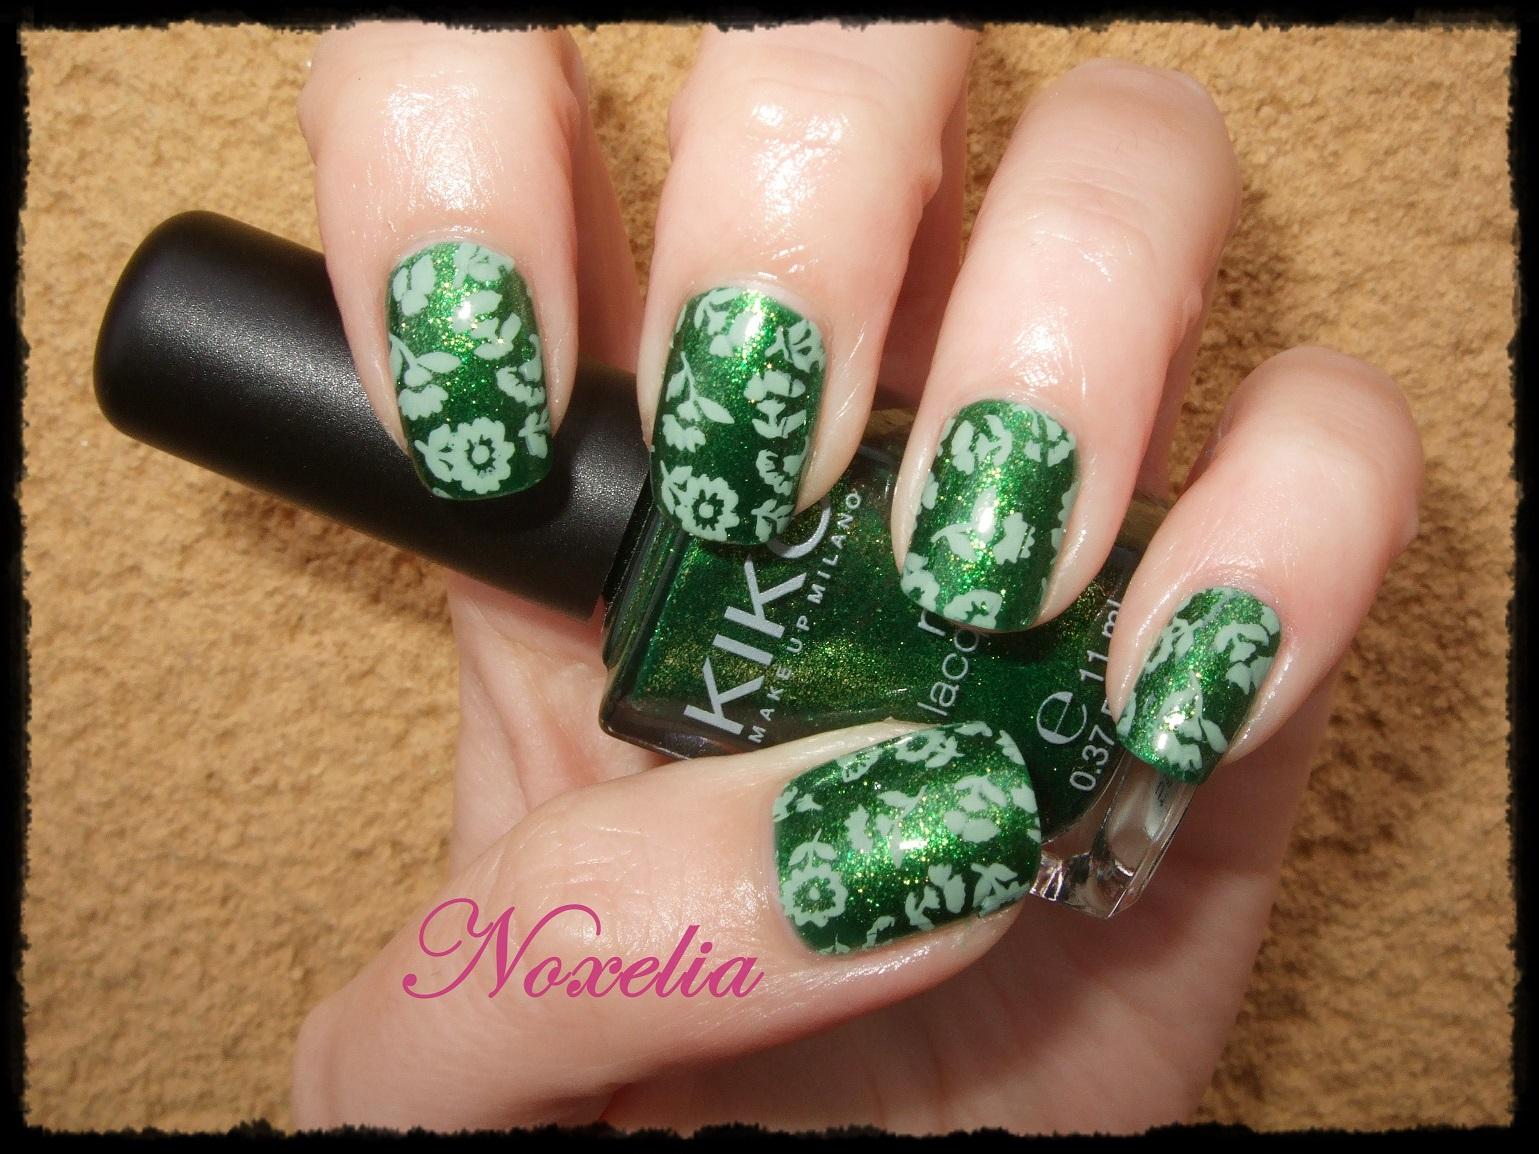 Noxelia: Stamping nail art: Colaboración con NurBesten IX y Look de ...